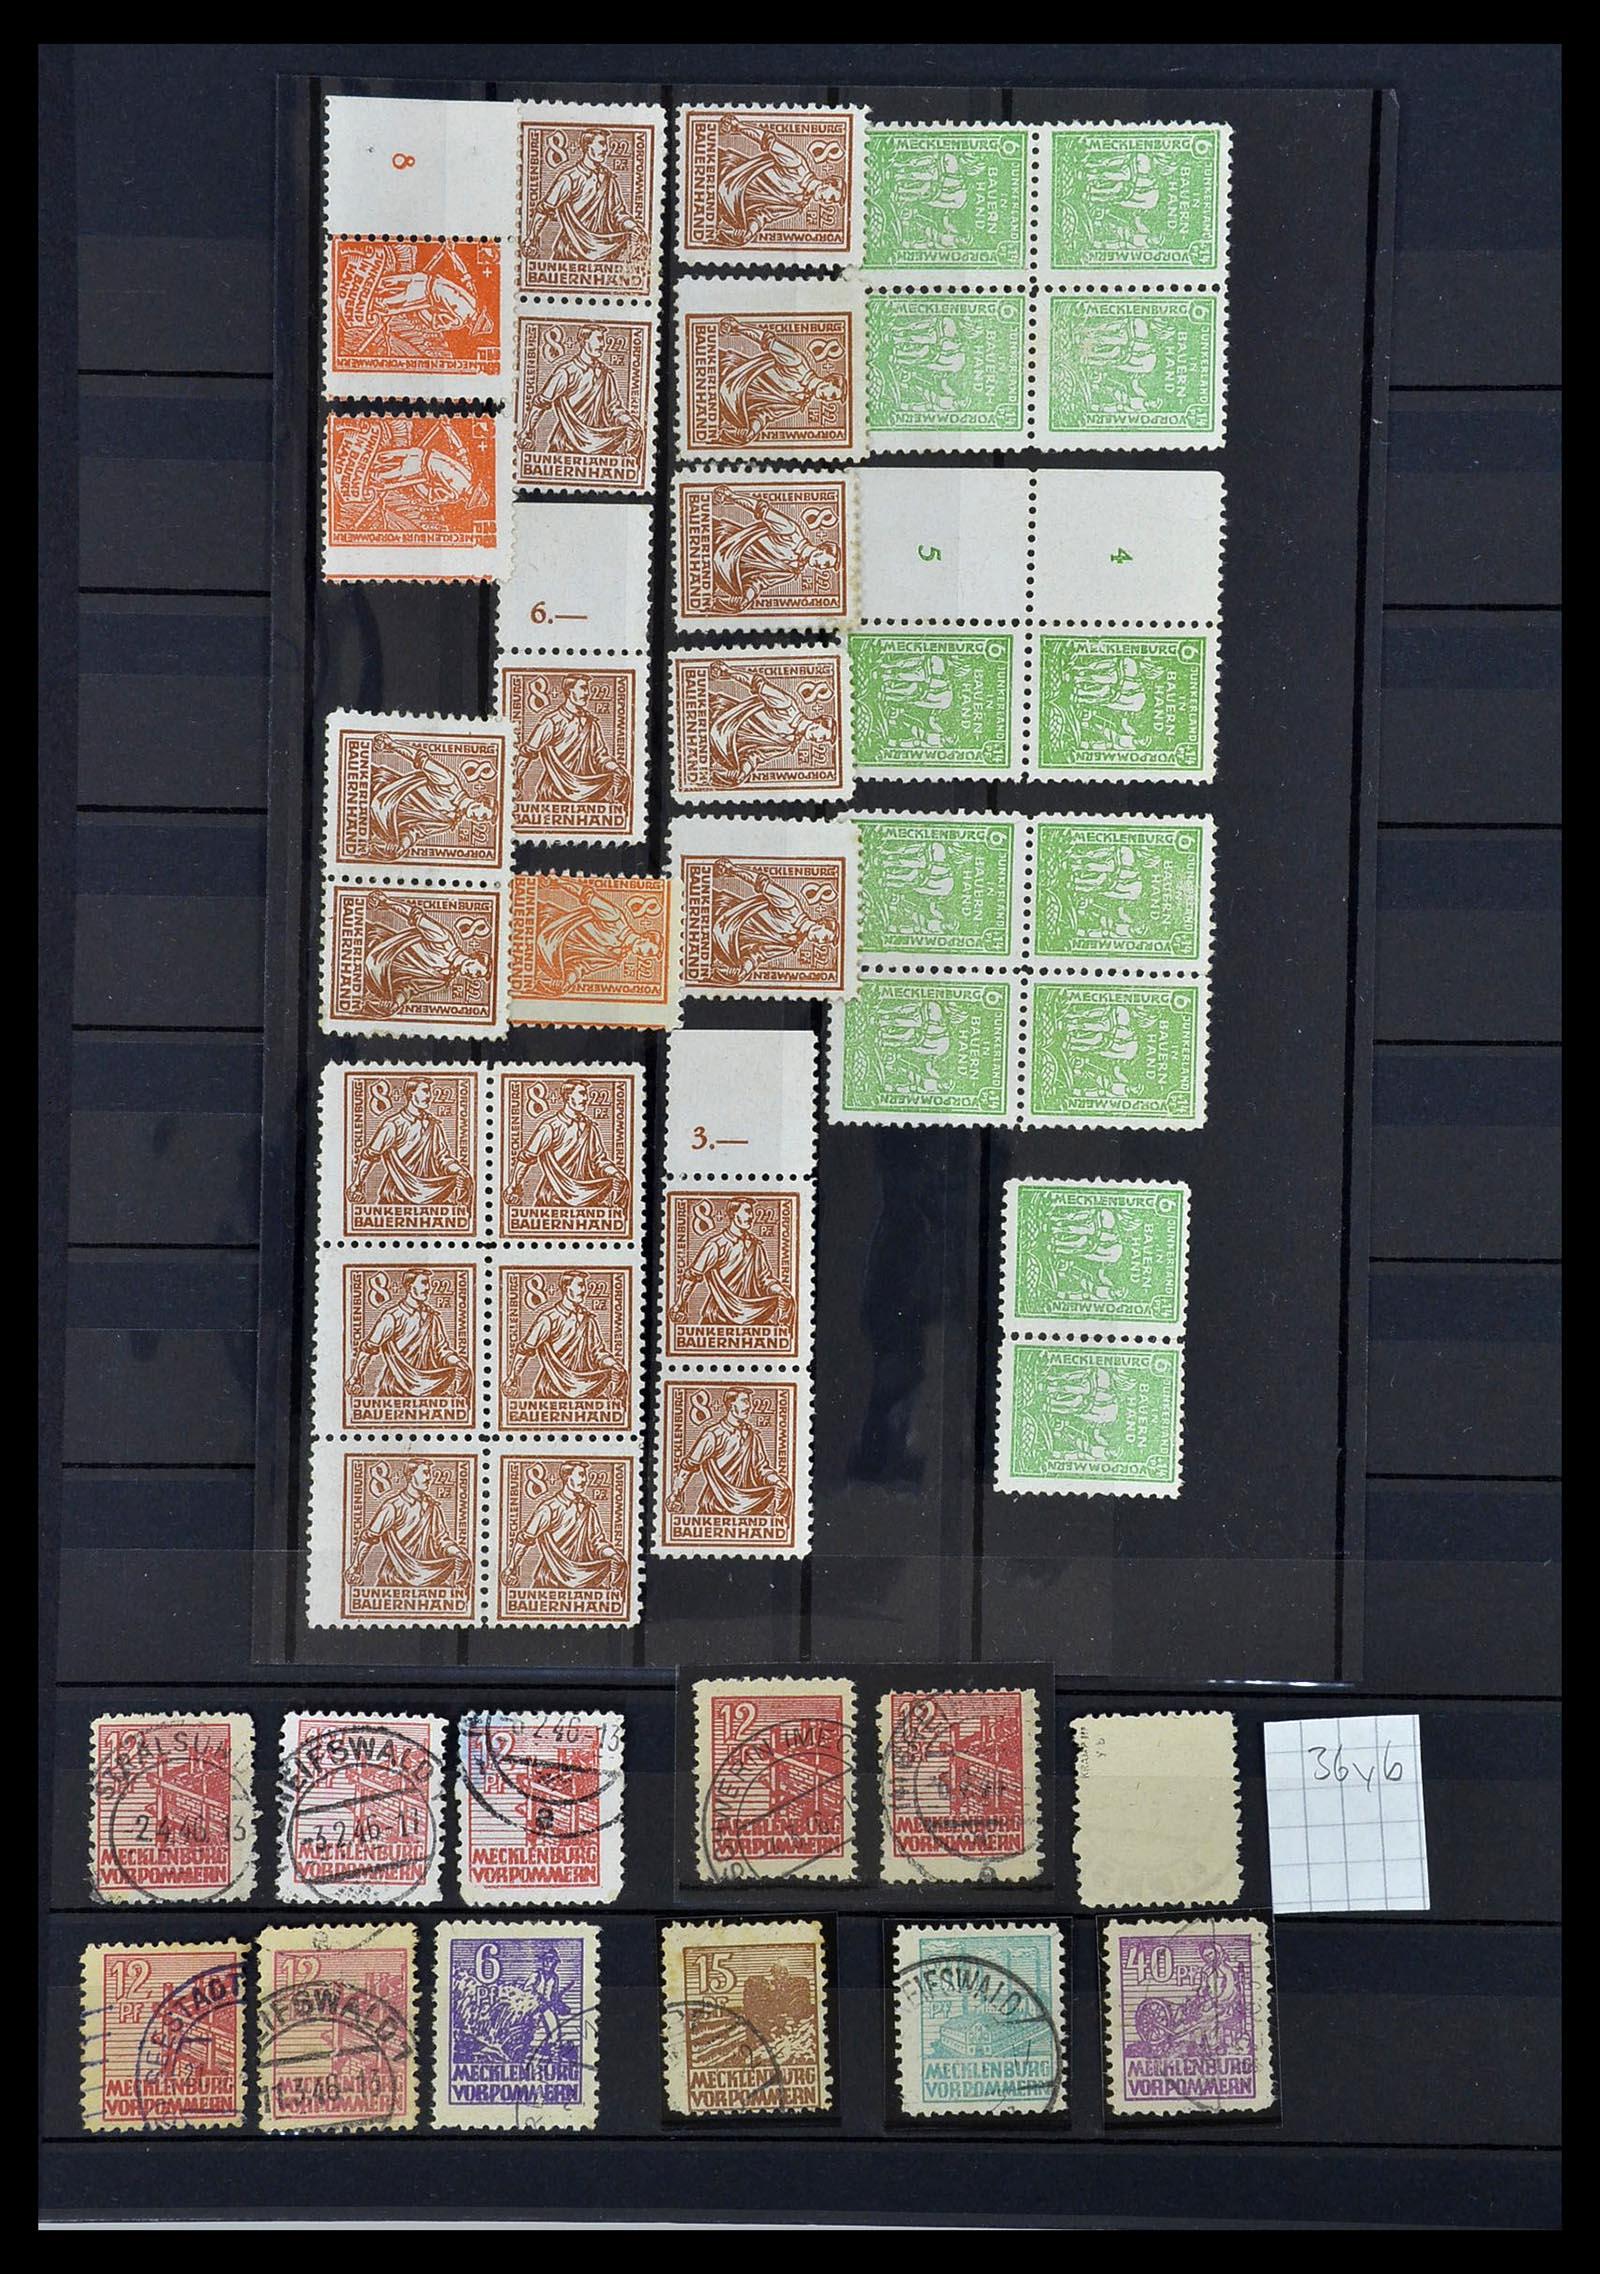 34039 016 - Postzegelverzameling 34039 Mecklenburg-Vorpommern 1945-1946.